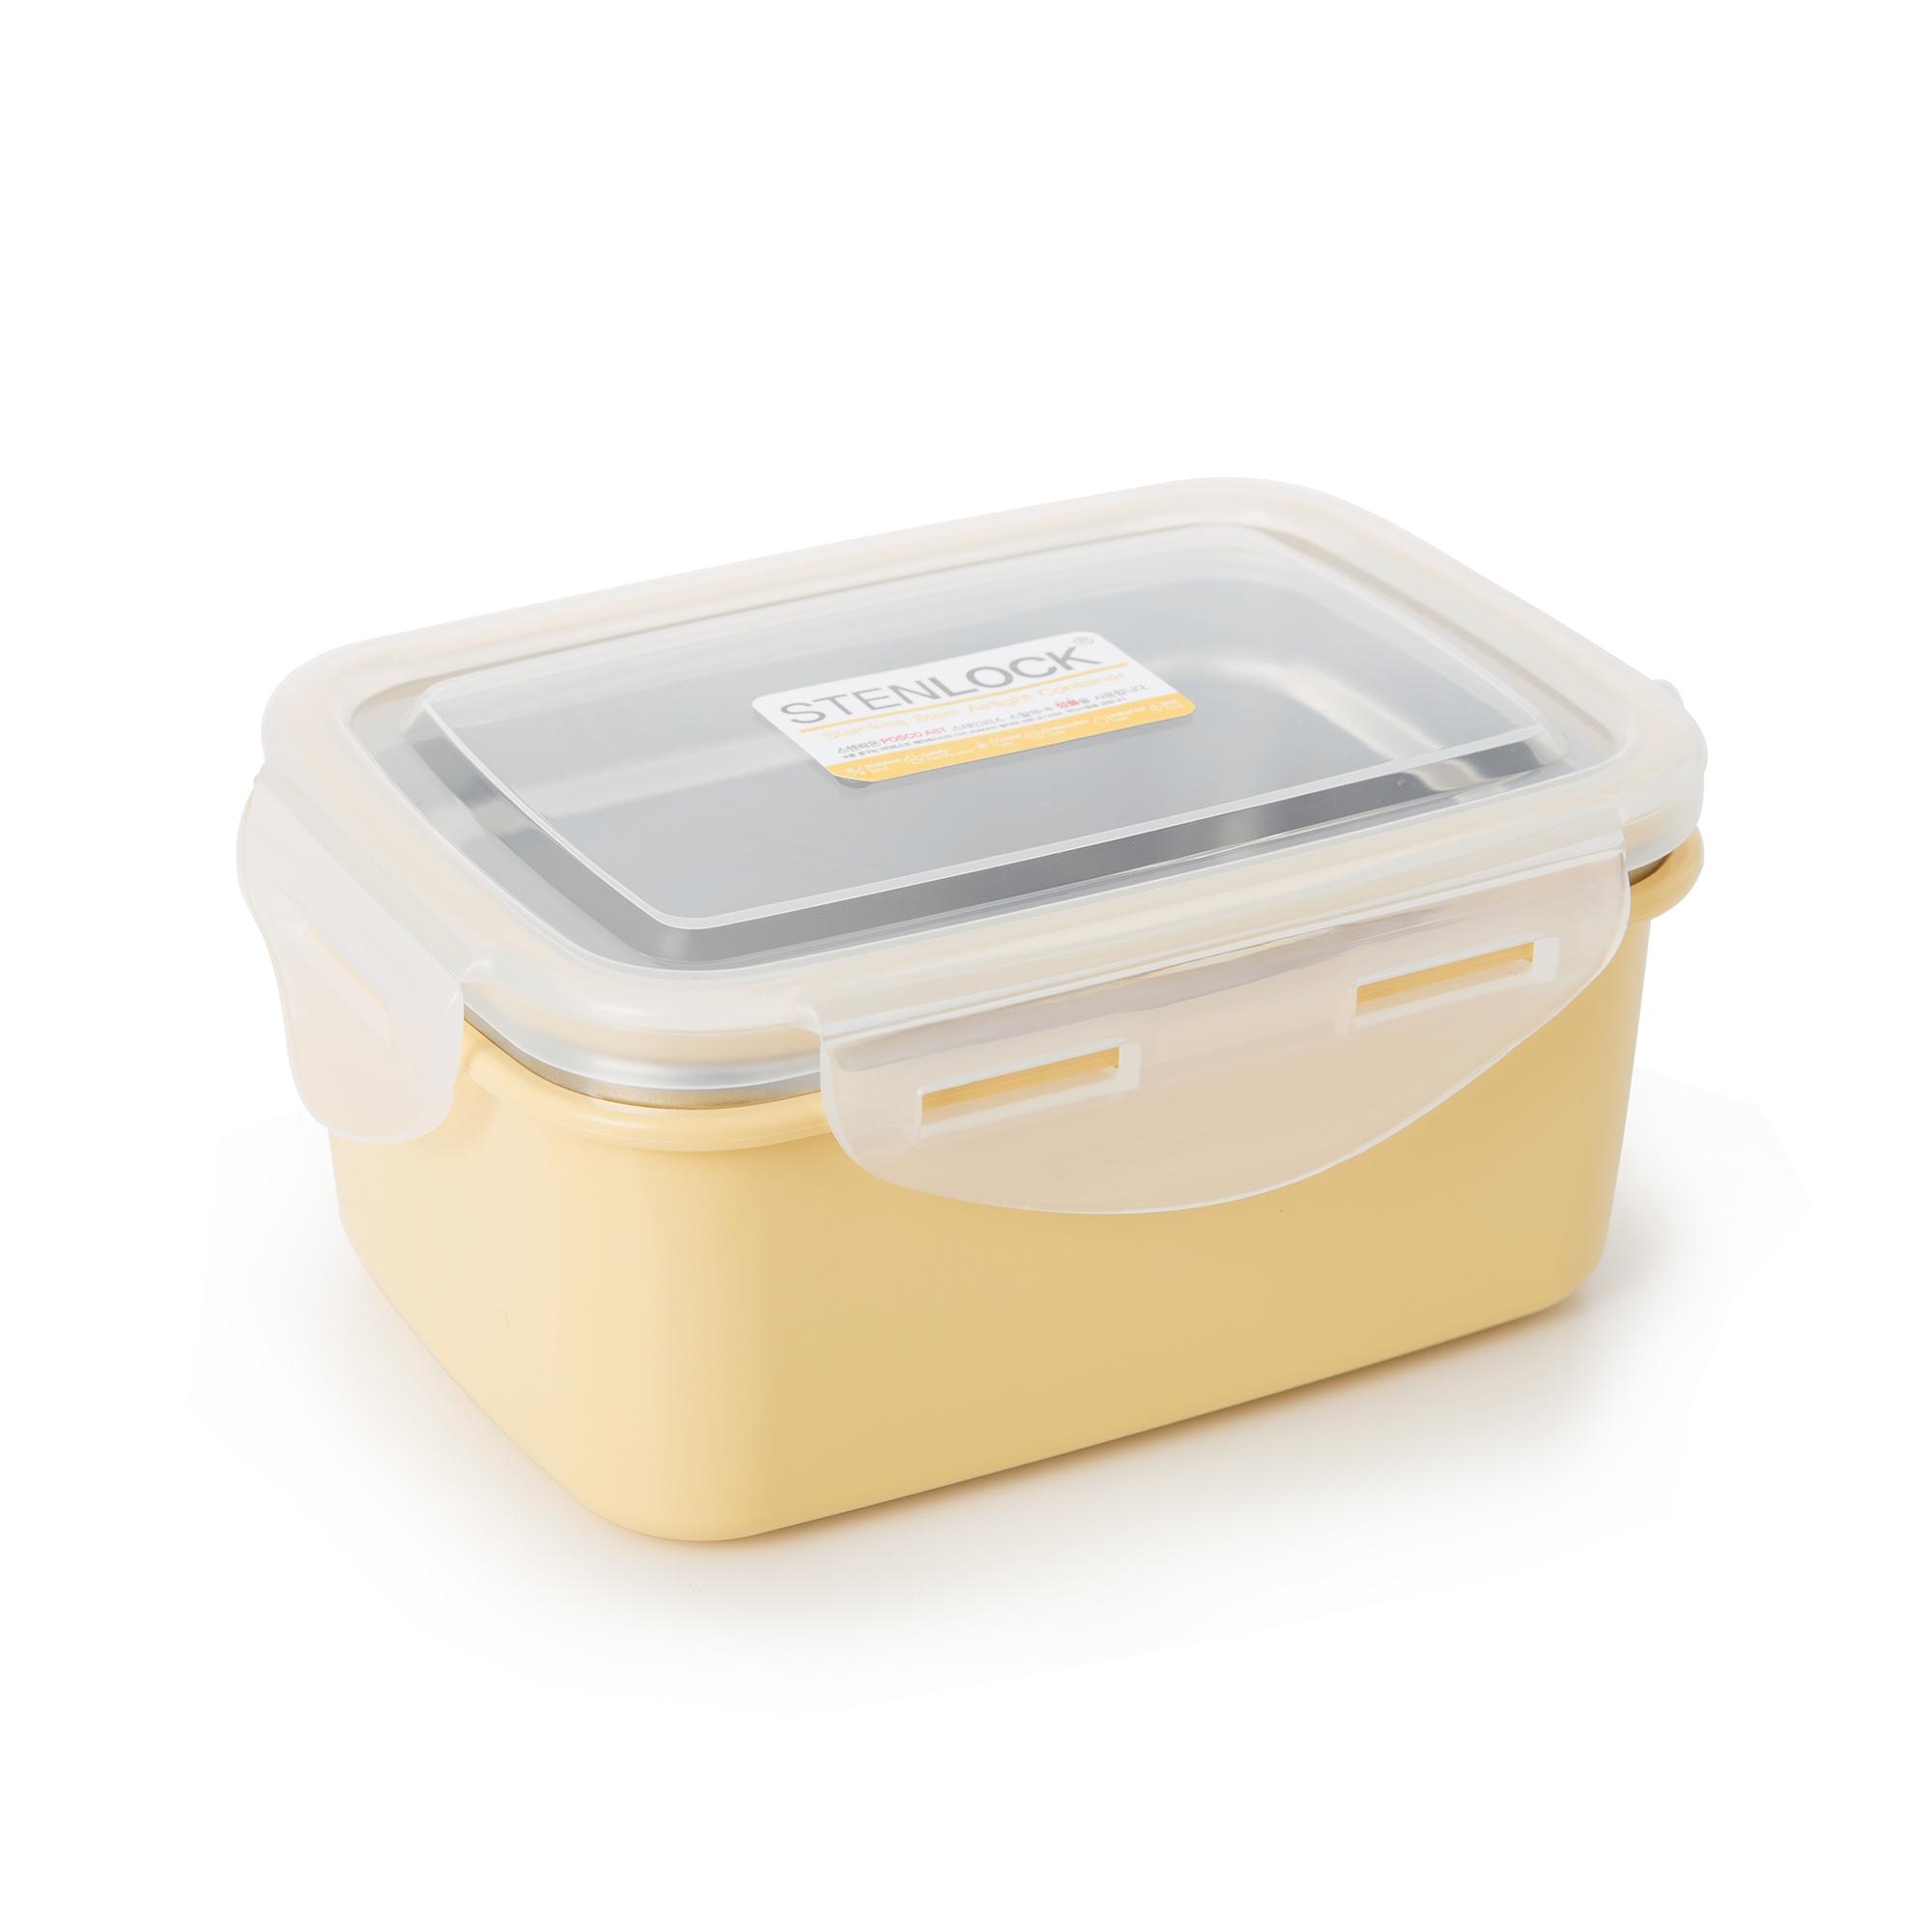 韩国原产STENLOCK不锈钢午餐盒便当盒保鲜盒 540ML 黄色